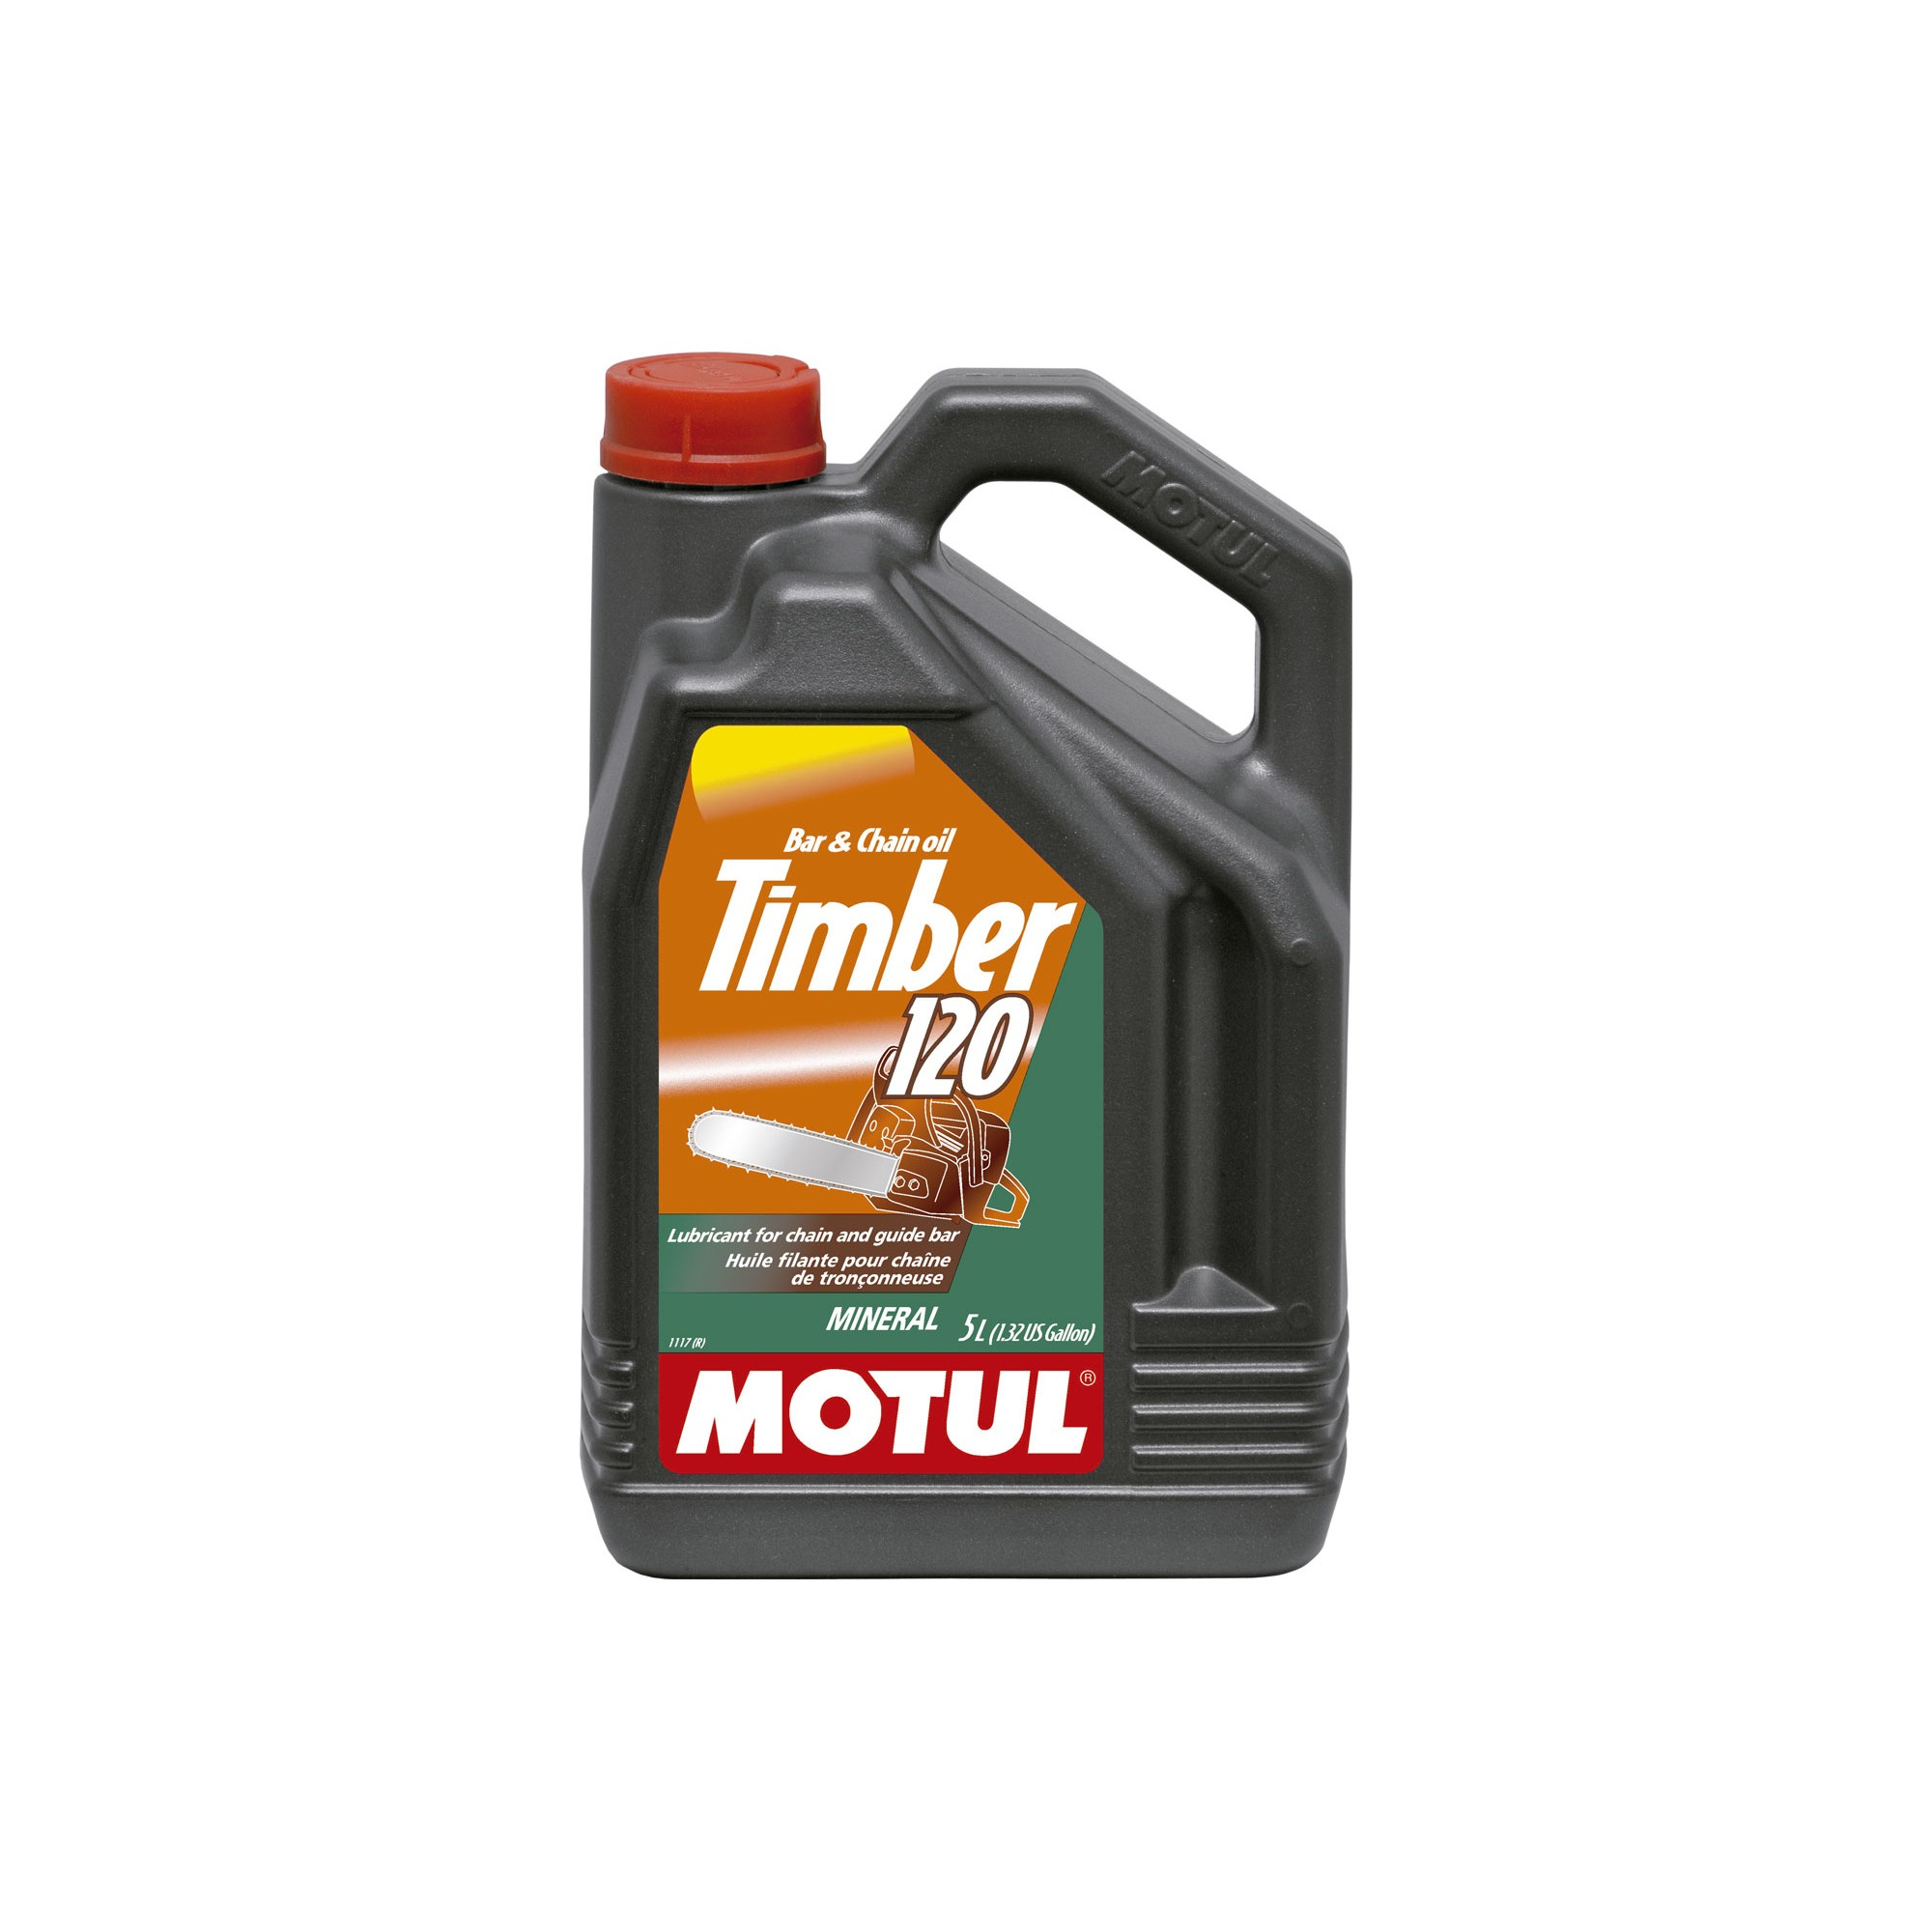 Aceite MOTUL Timber 120 (5L)